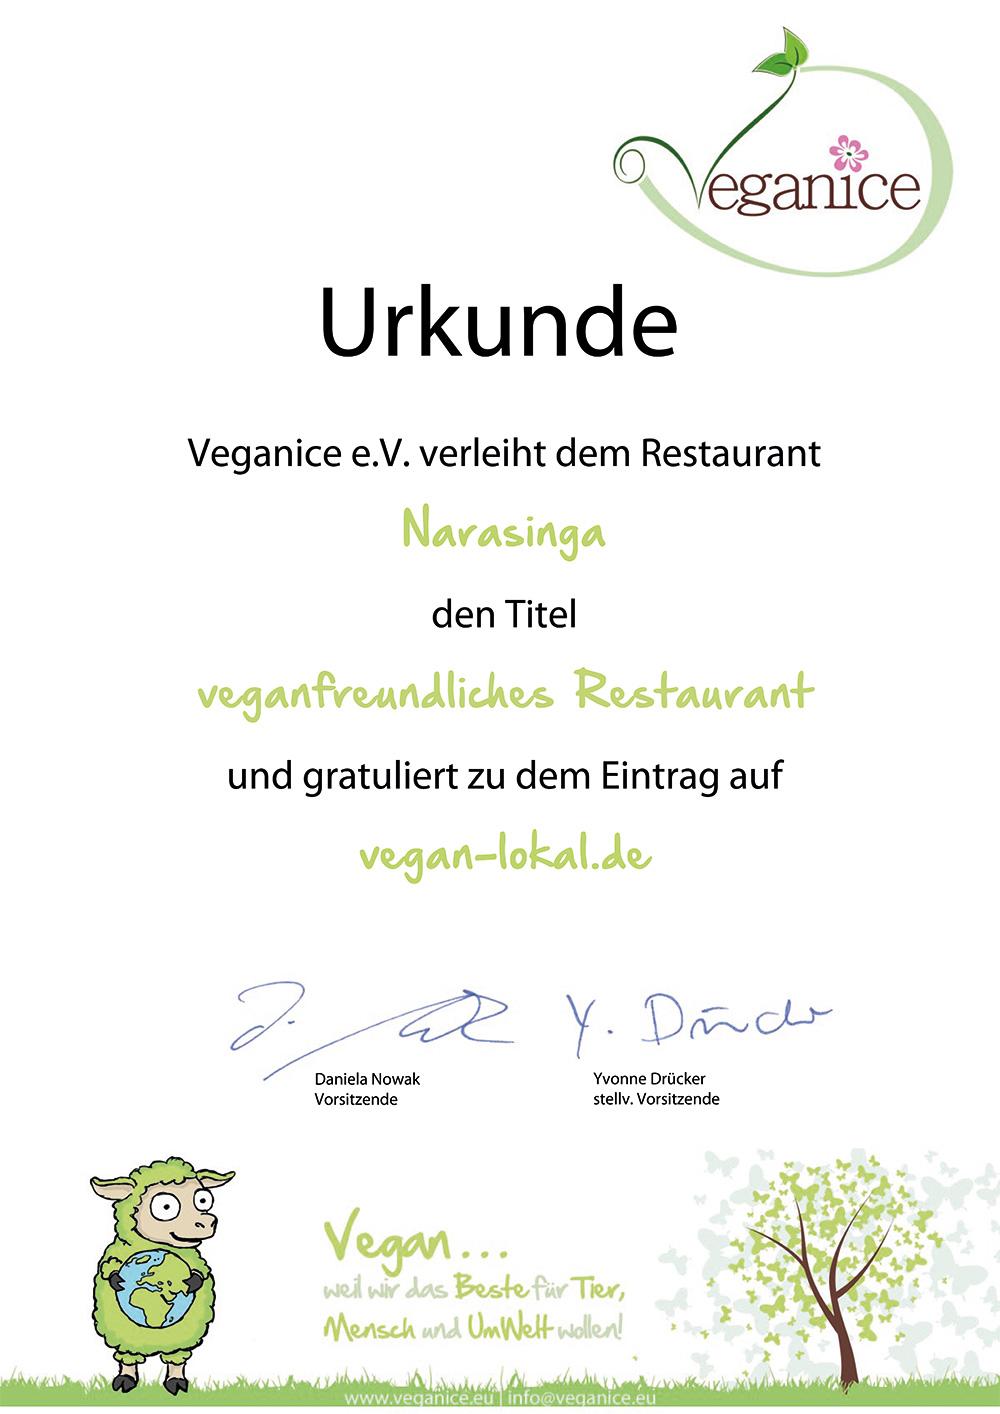 Veganice Urkunde für Narasinga